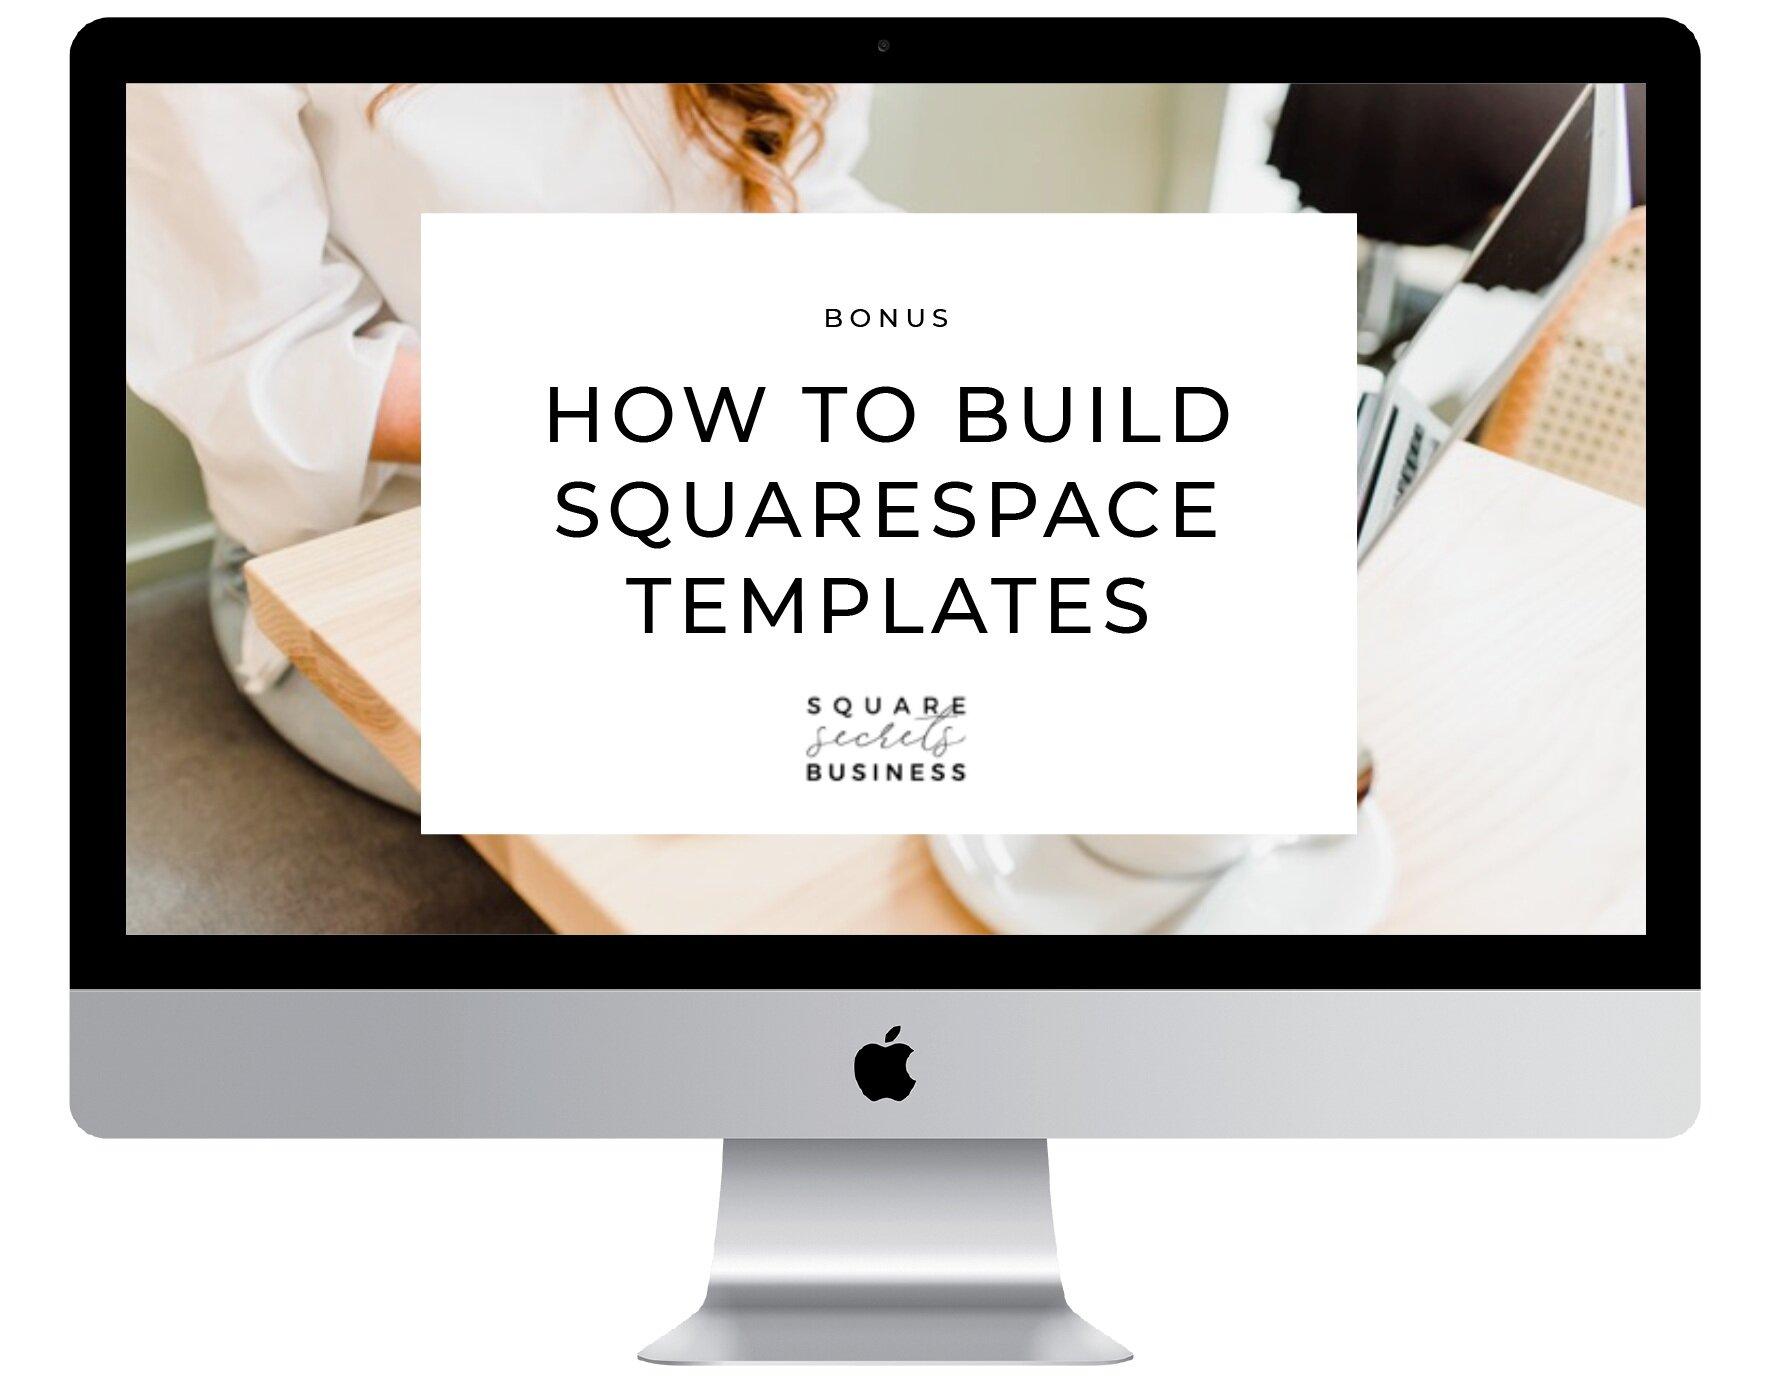 Building+Squarespace+templates+bonus